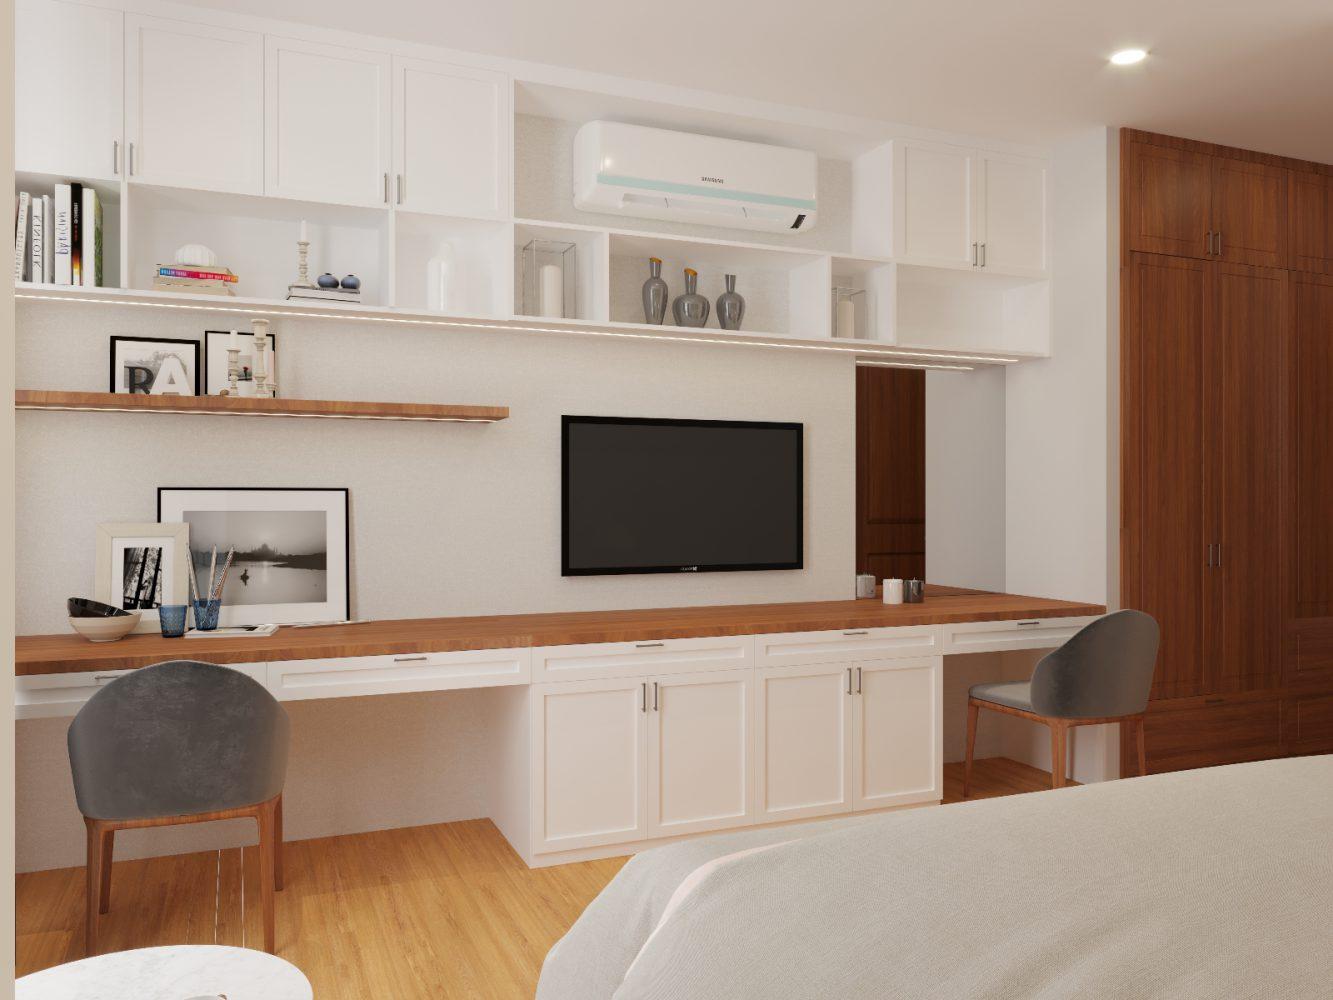 Thiết kế nội thất căn hộ 3 phòng ngủ - 09